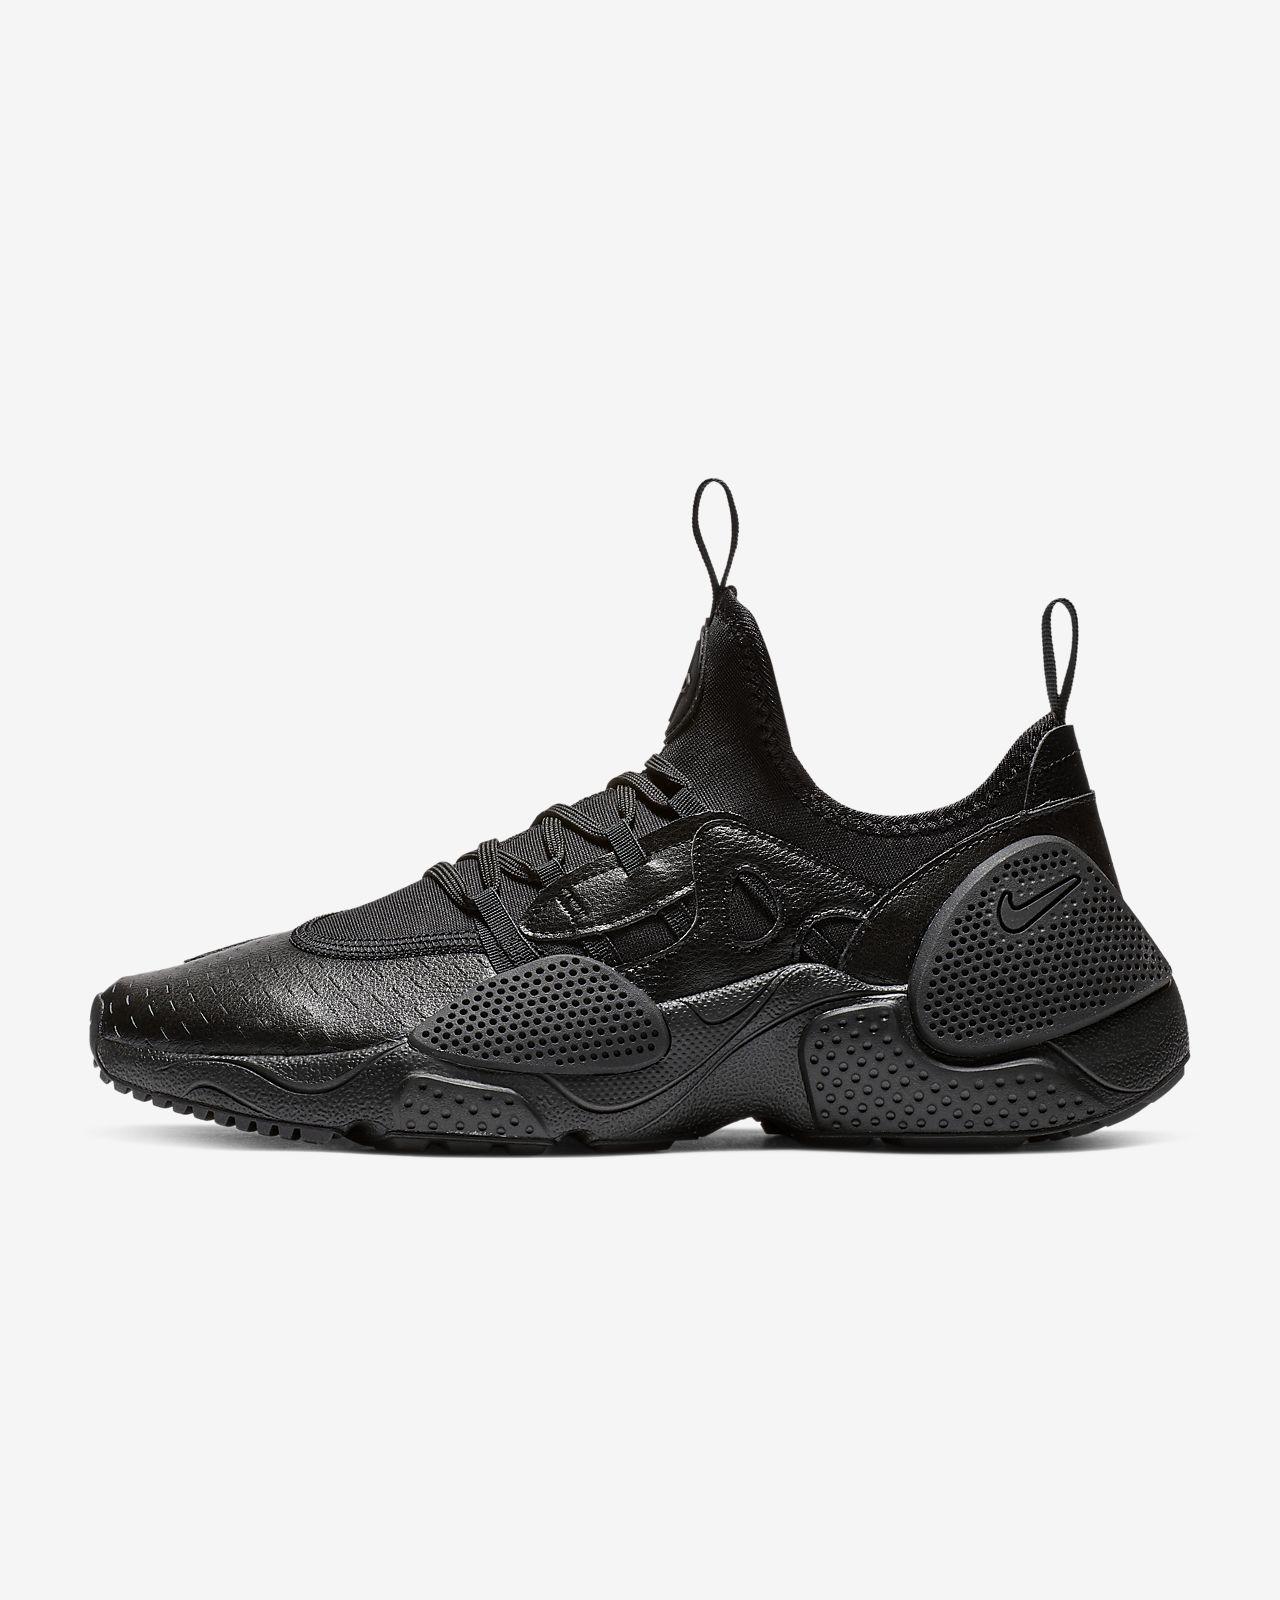 Nike Huarache E.D.G.E. Men's Shoe